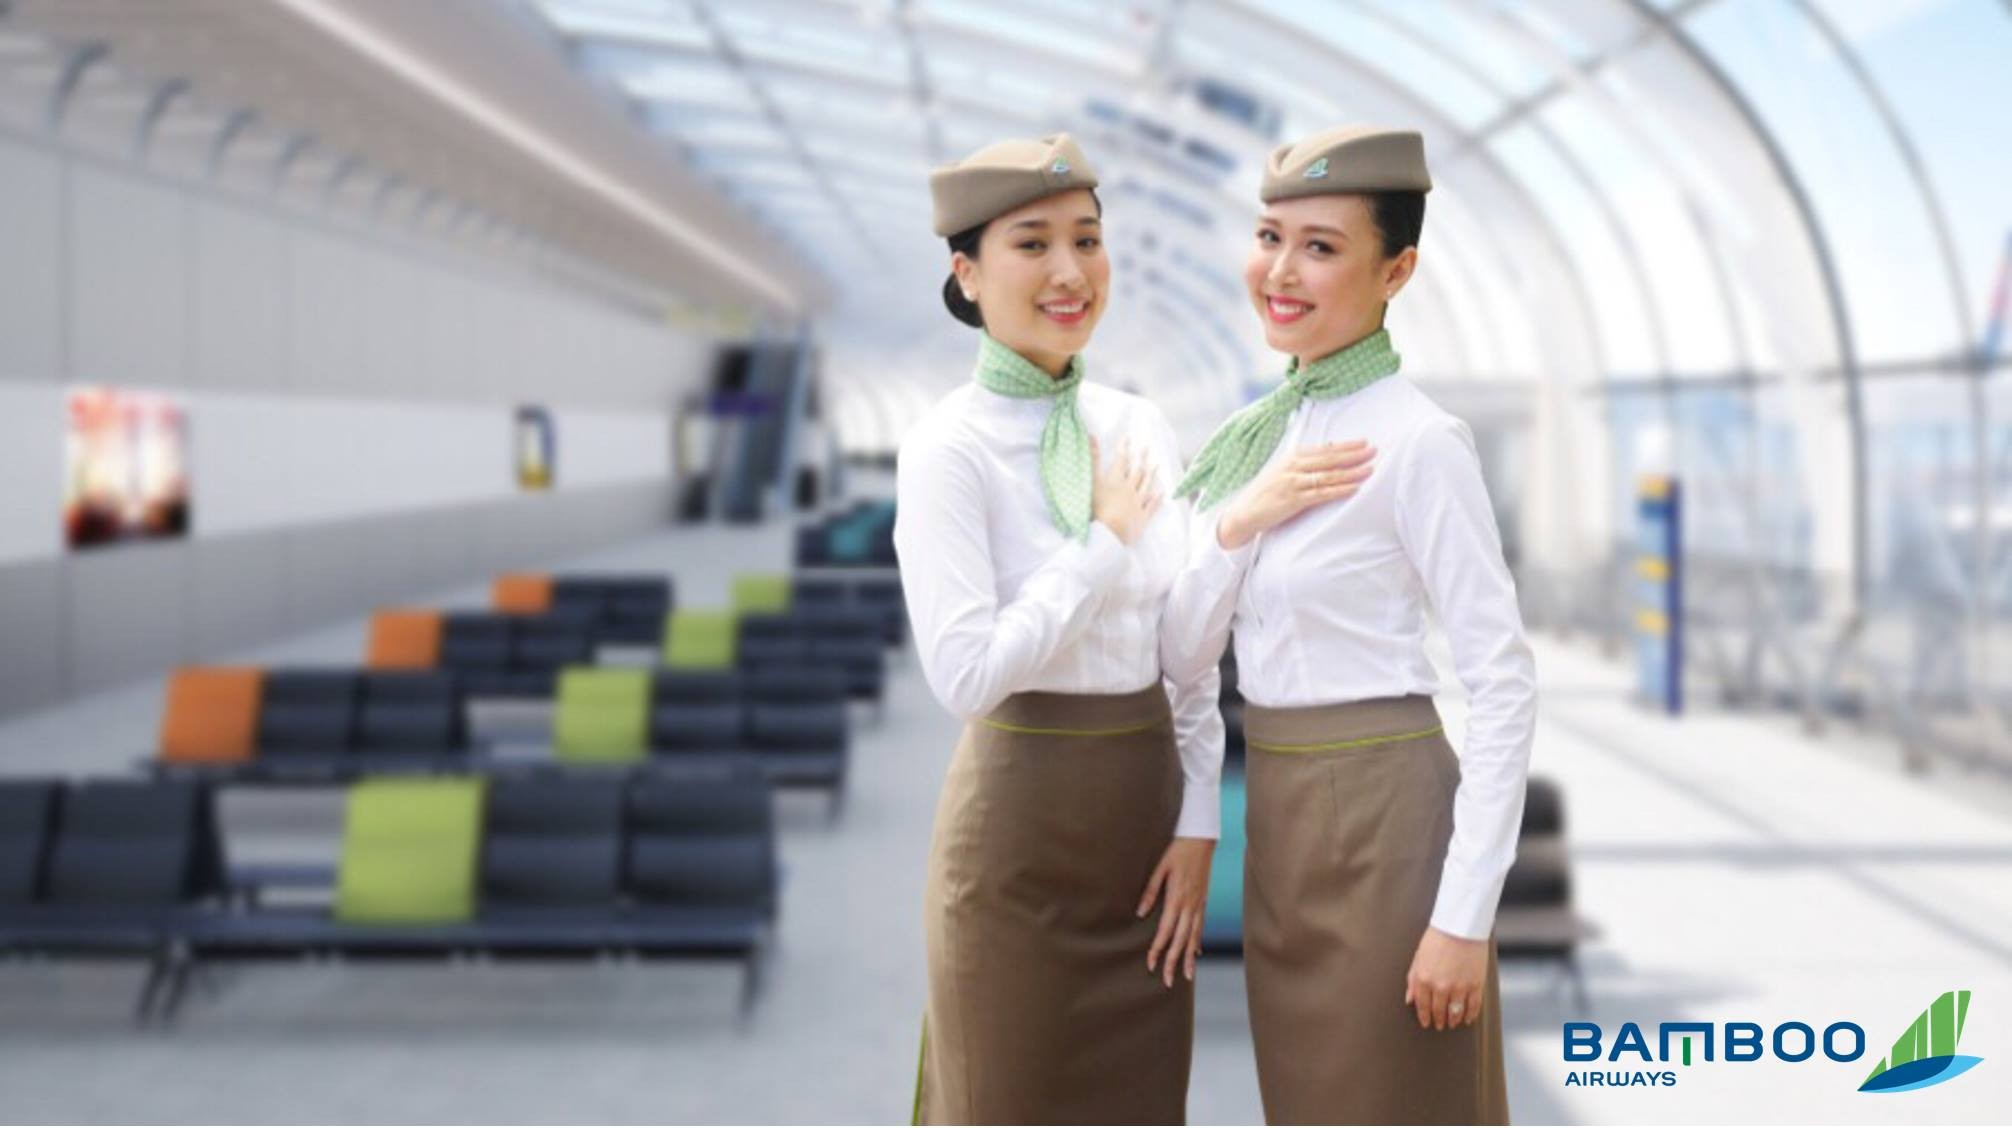 Bamboo Airways tuyển dụng Chuyên viên Giám sát hàng hoá tại Cần Thơ